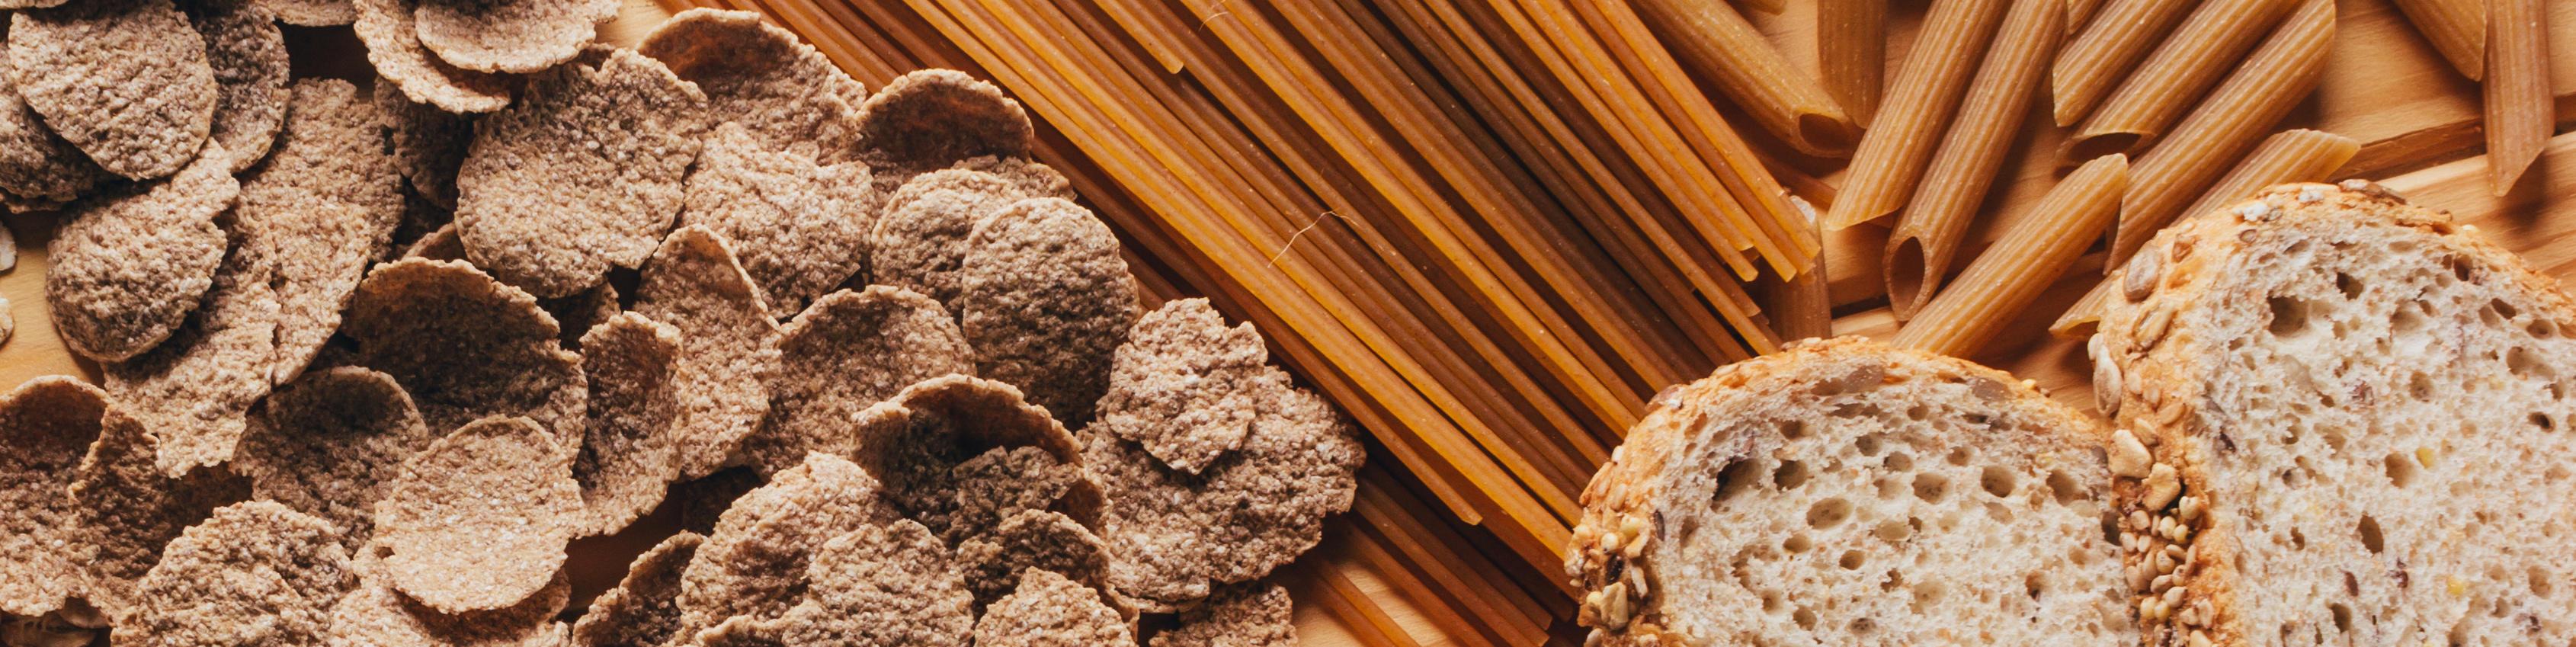 Vollkorn-Getreideprodukte: Brot, Nudeln, Cornflakes, Weizenflocken